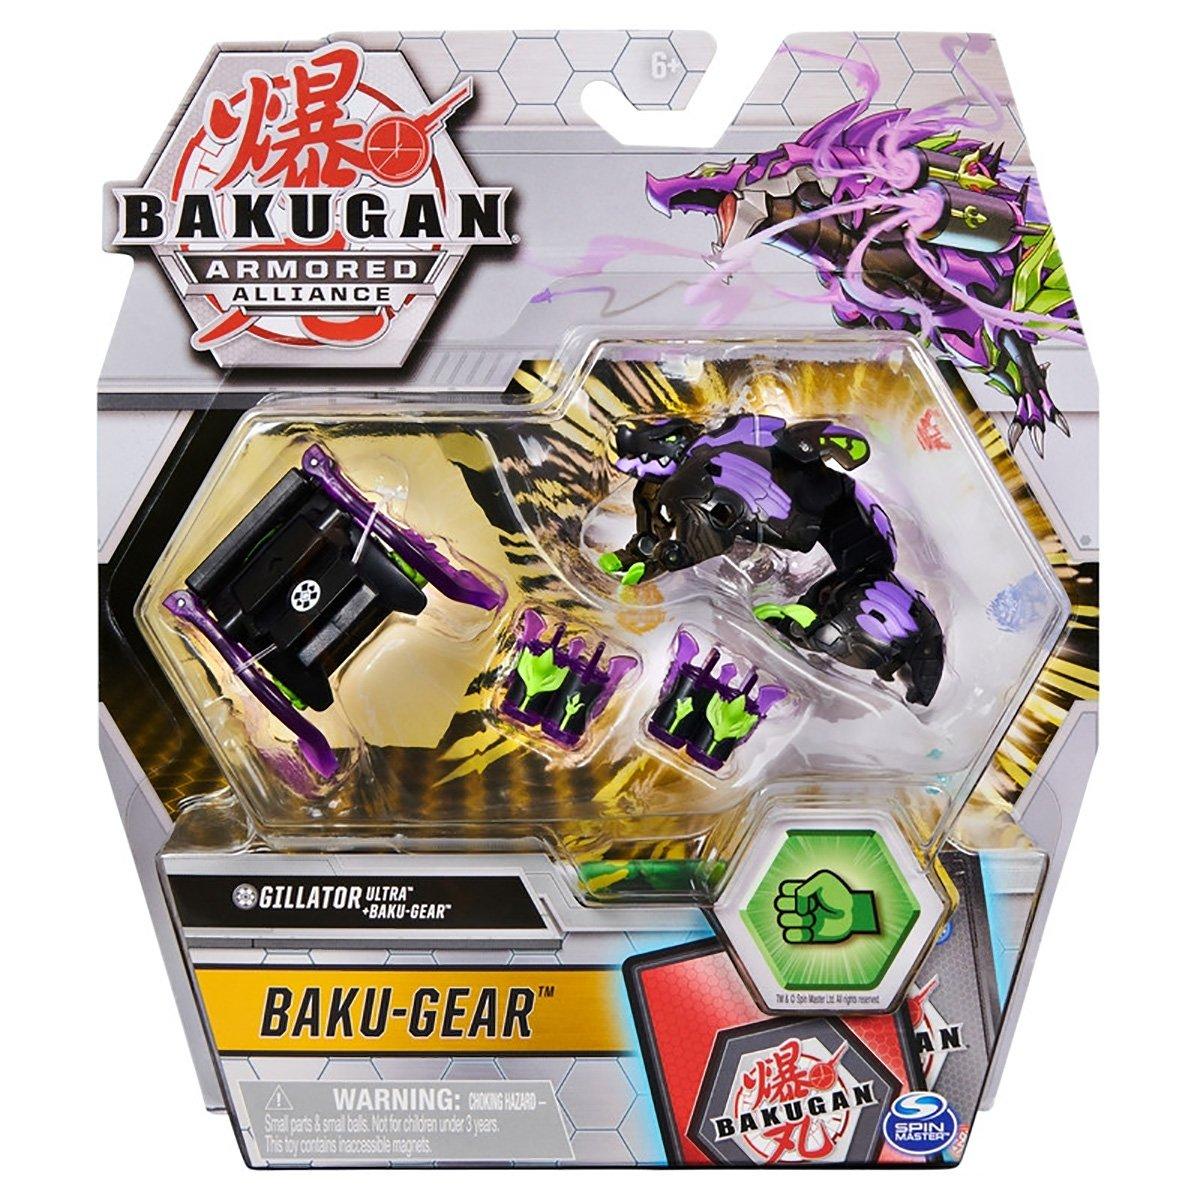 Figurina Bakugan Armored Alliance, Gillator Ultra, Baku-Gear 20124763